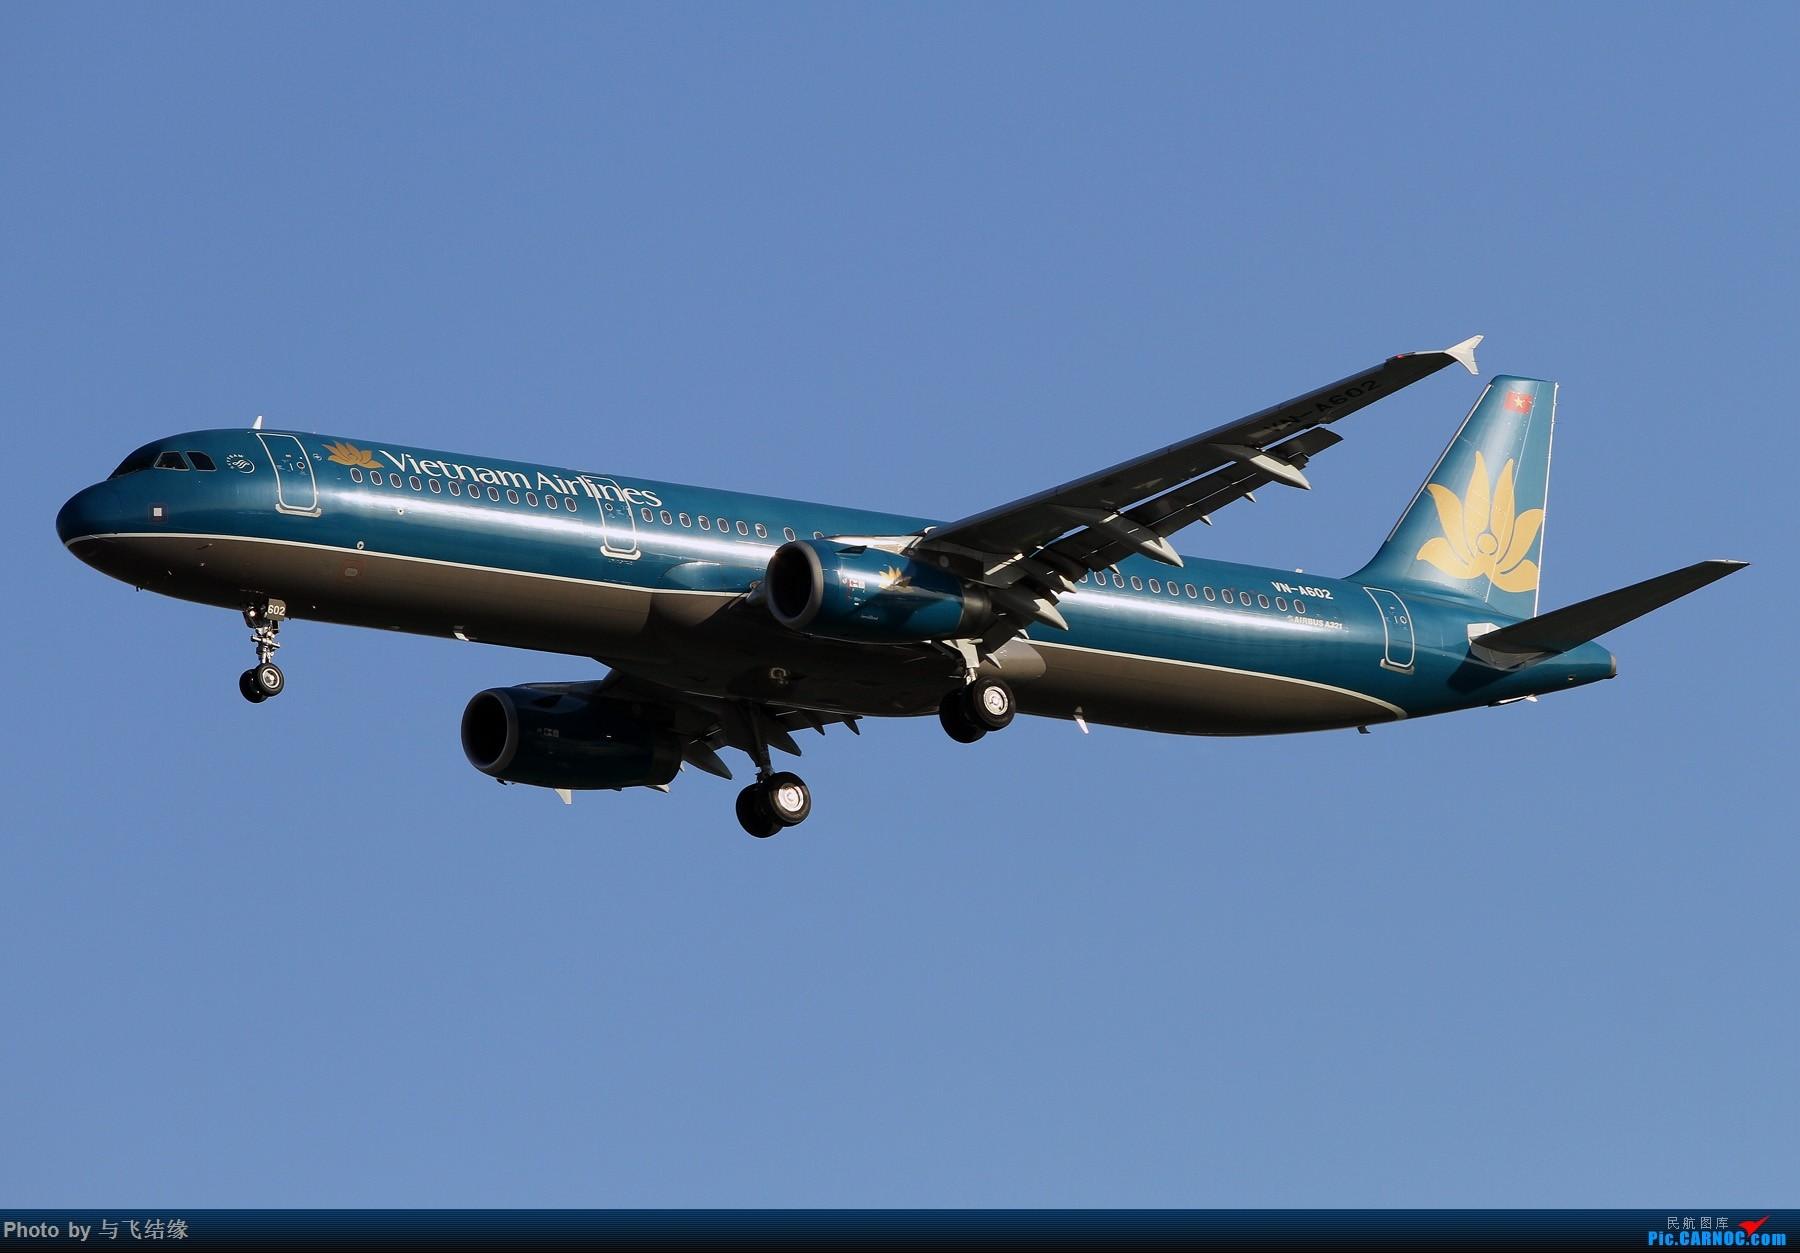 Re:[原创]十二月十号天气不错,楼了几张拙作出来露个脸发一下。 AIRBUS A321 VN-A602 中国北京首都国际机场